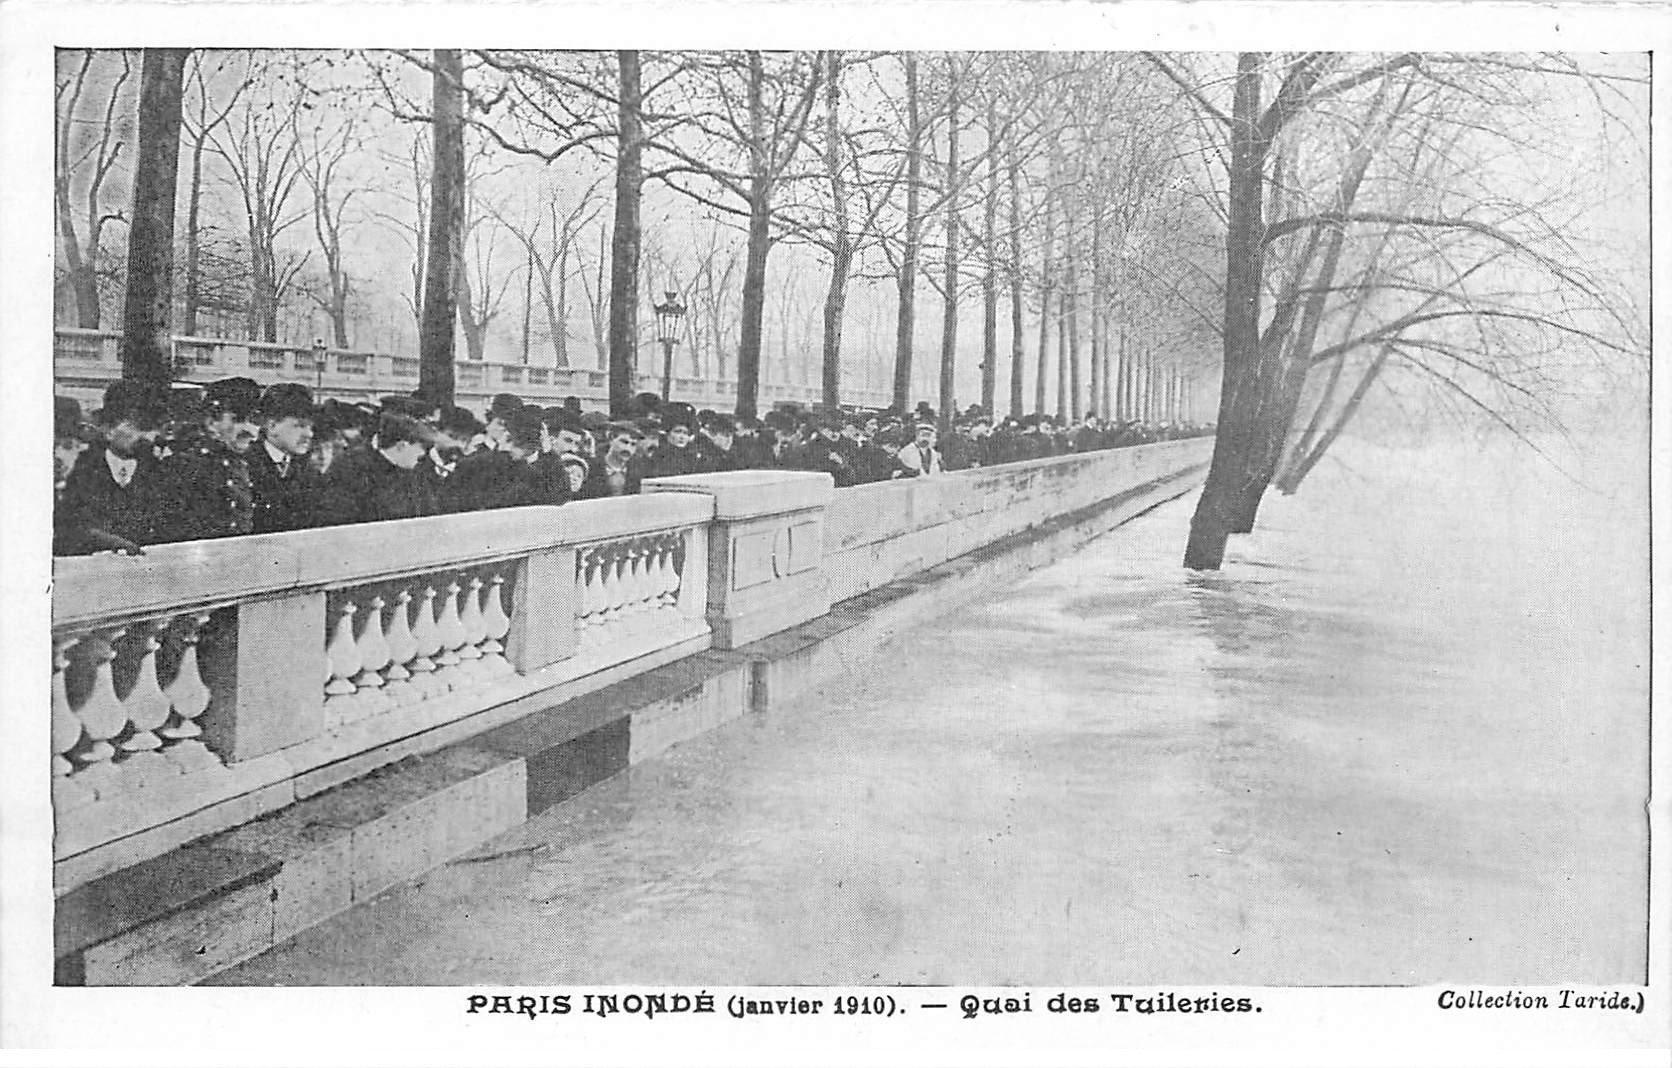 INONDATION DE PARIS 1910. Quai des Tuileries. Collection Taride